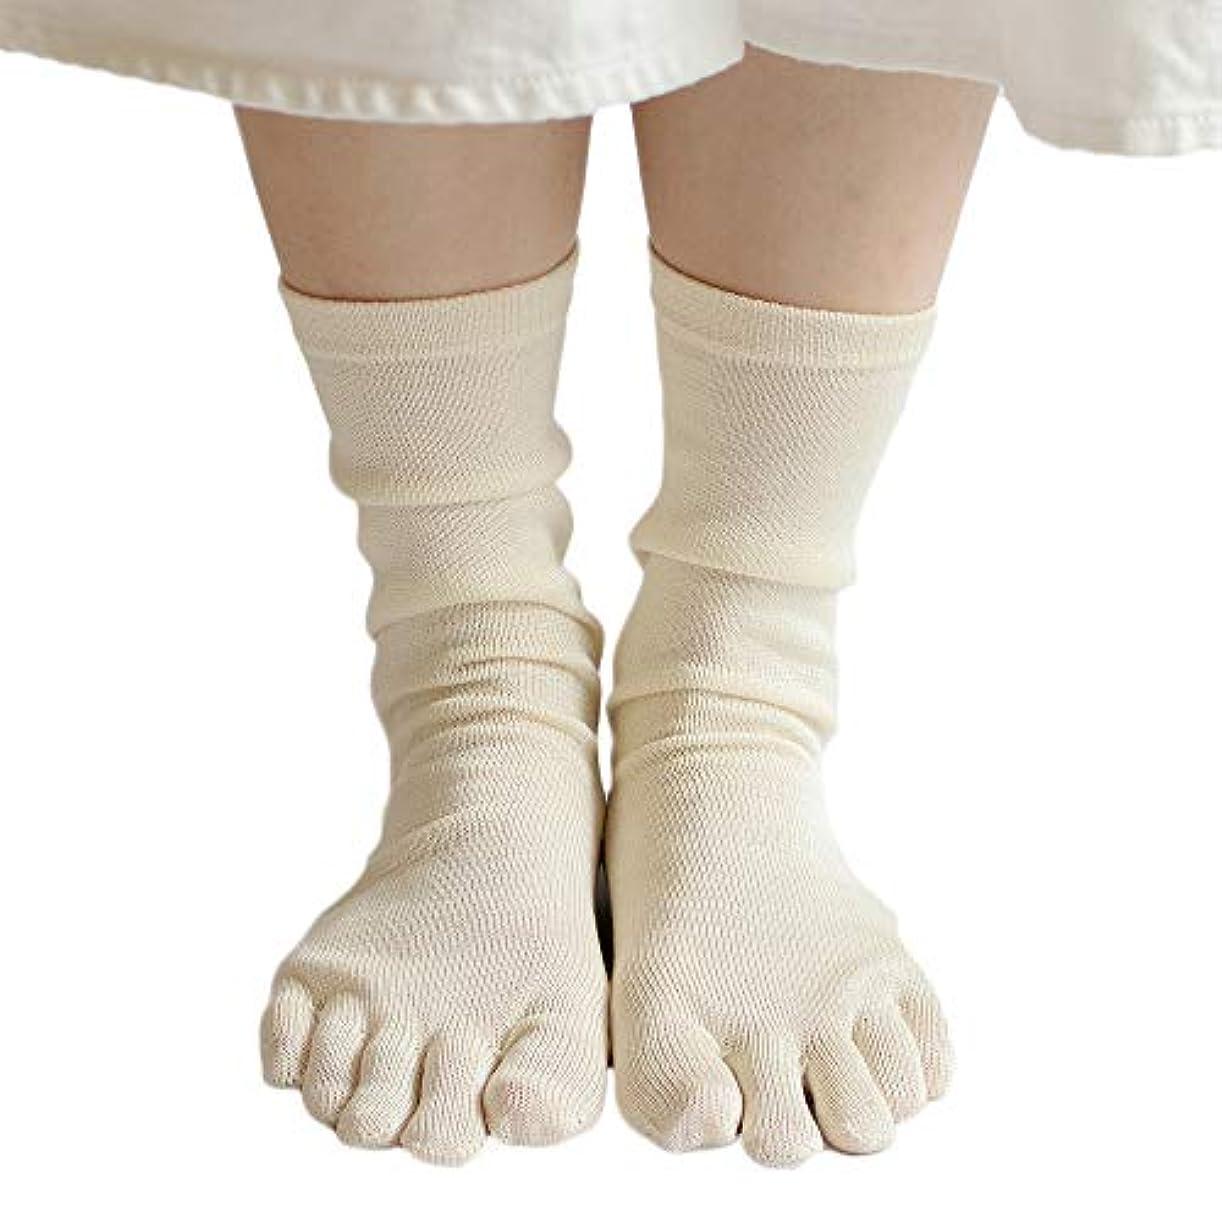 熟練した報復してはいけないタイシルク 100% 五本指 ソックス 3足セット かかとあり 上質なシルクを100%使用した薄手靴下 重ね履きのインナーソックスや冷えとりに